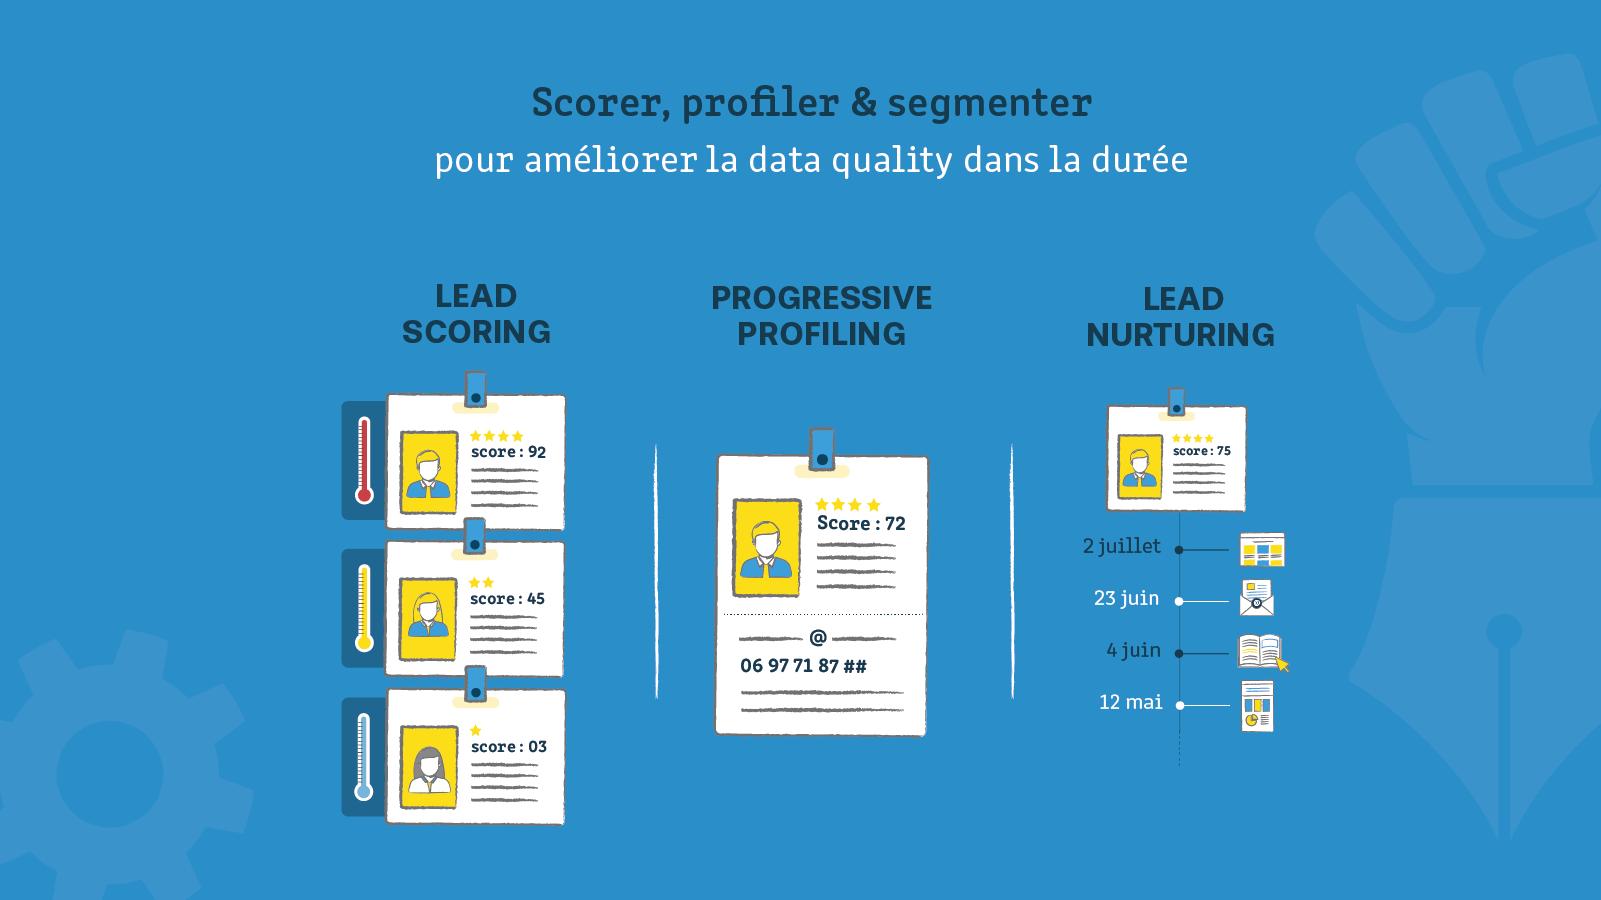 Scorer, profiler et segmenter pour améliorer la data quality